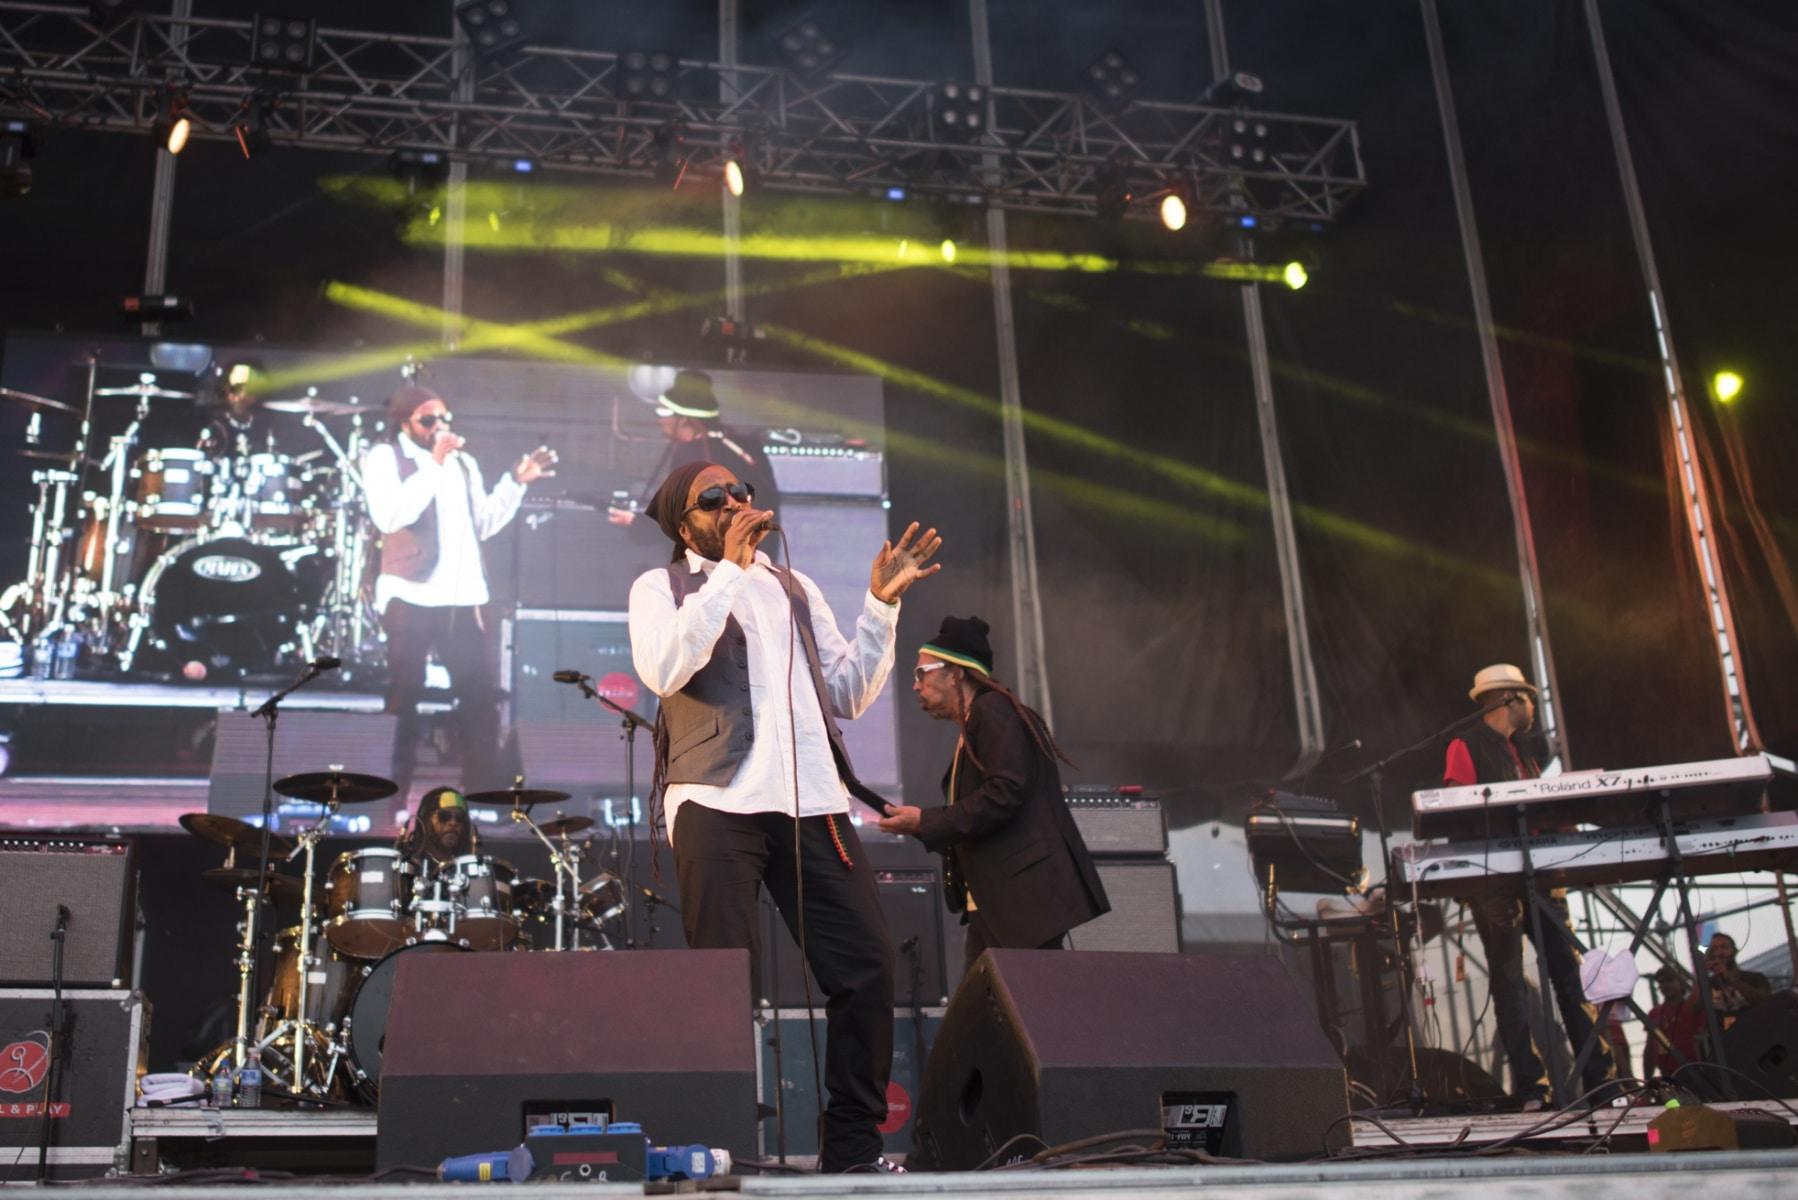 5-septiembre-2015-gibraltar-music-festival-2015-21_21176999652_o